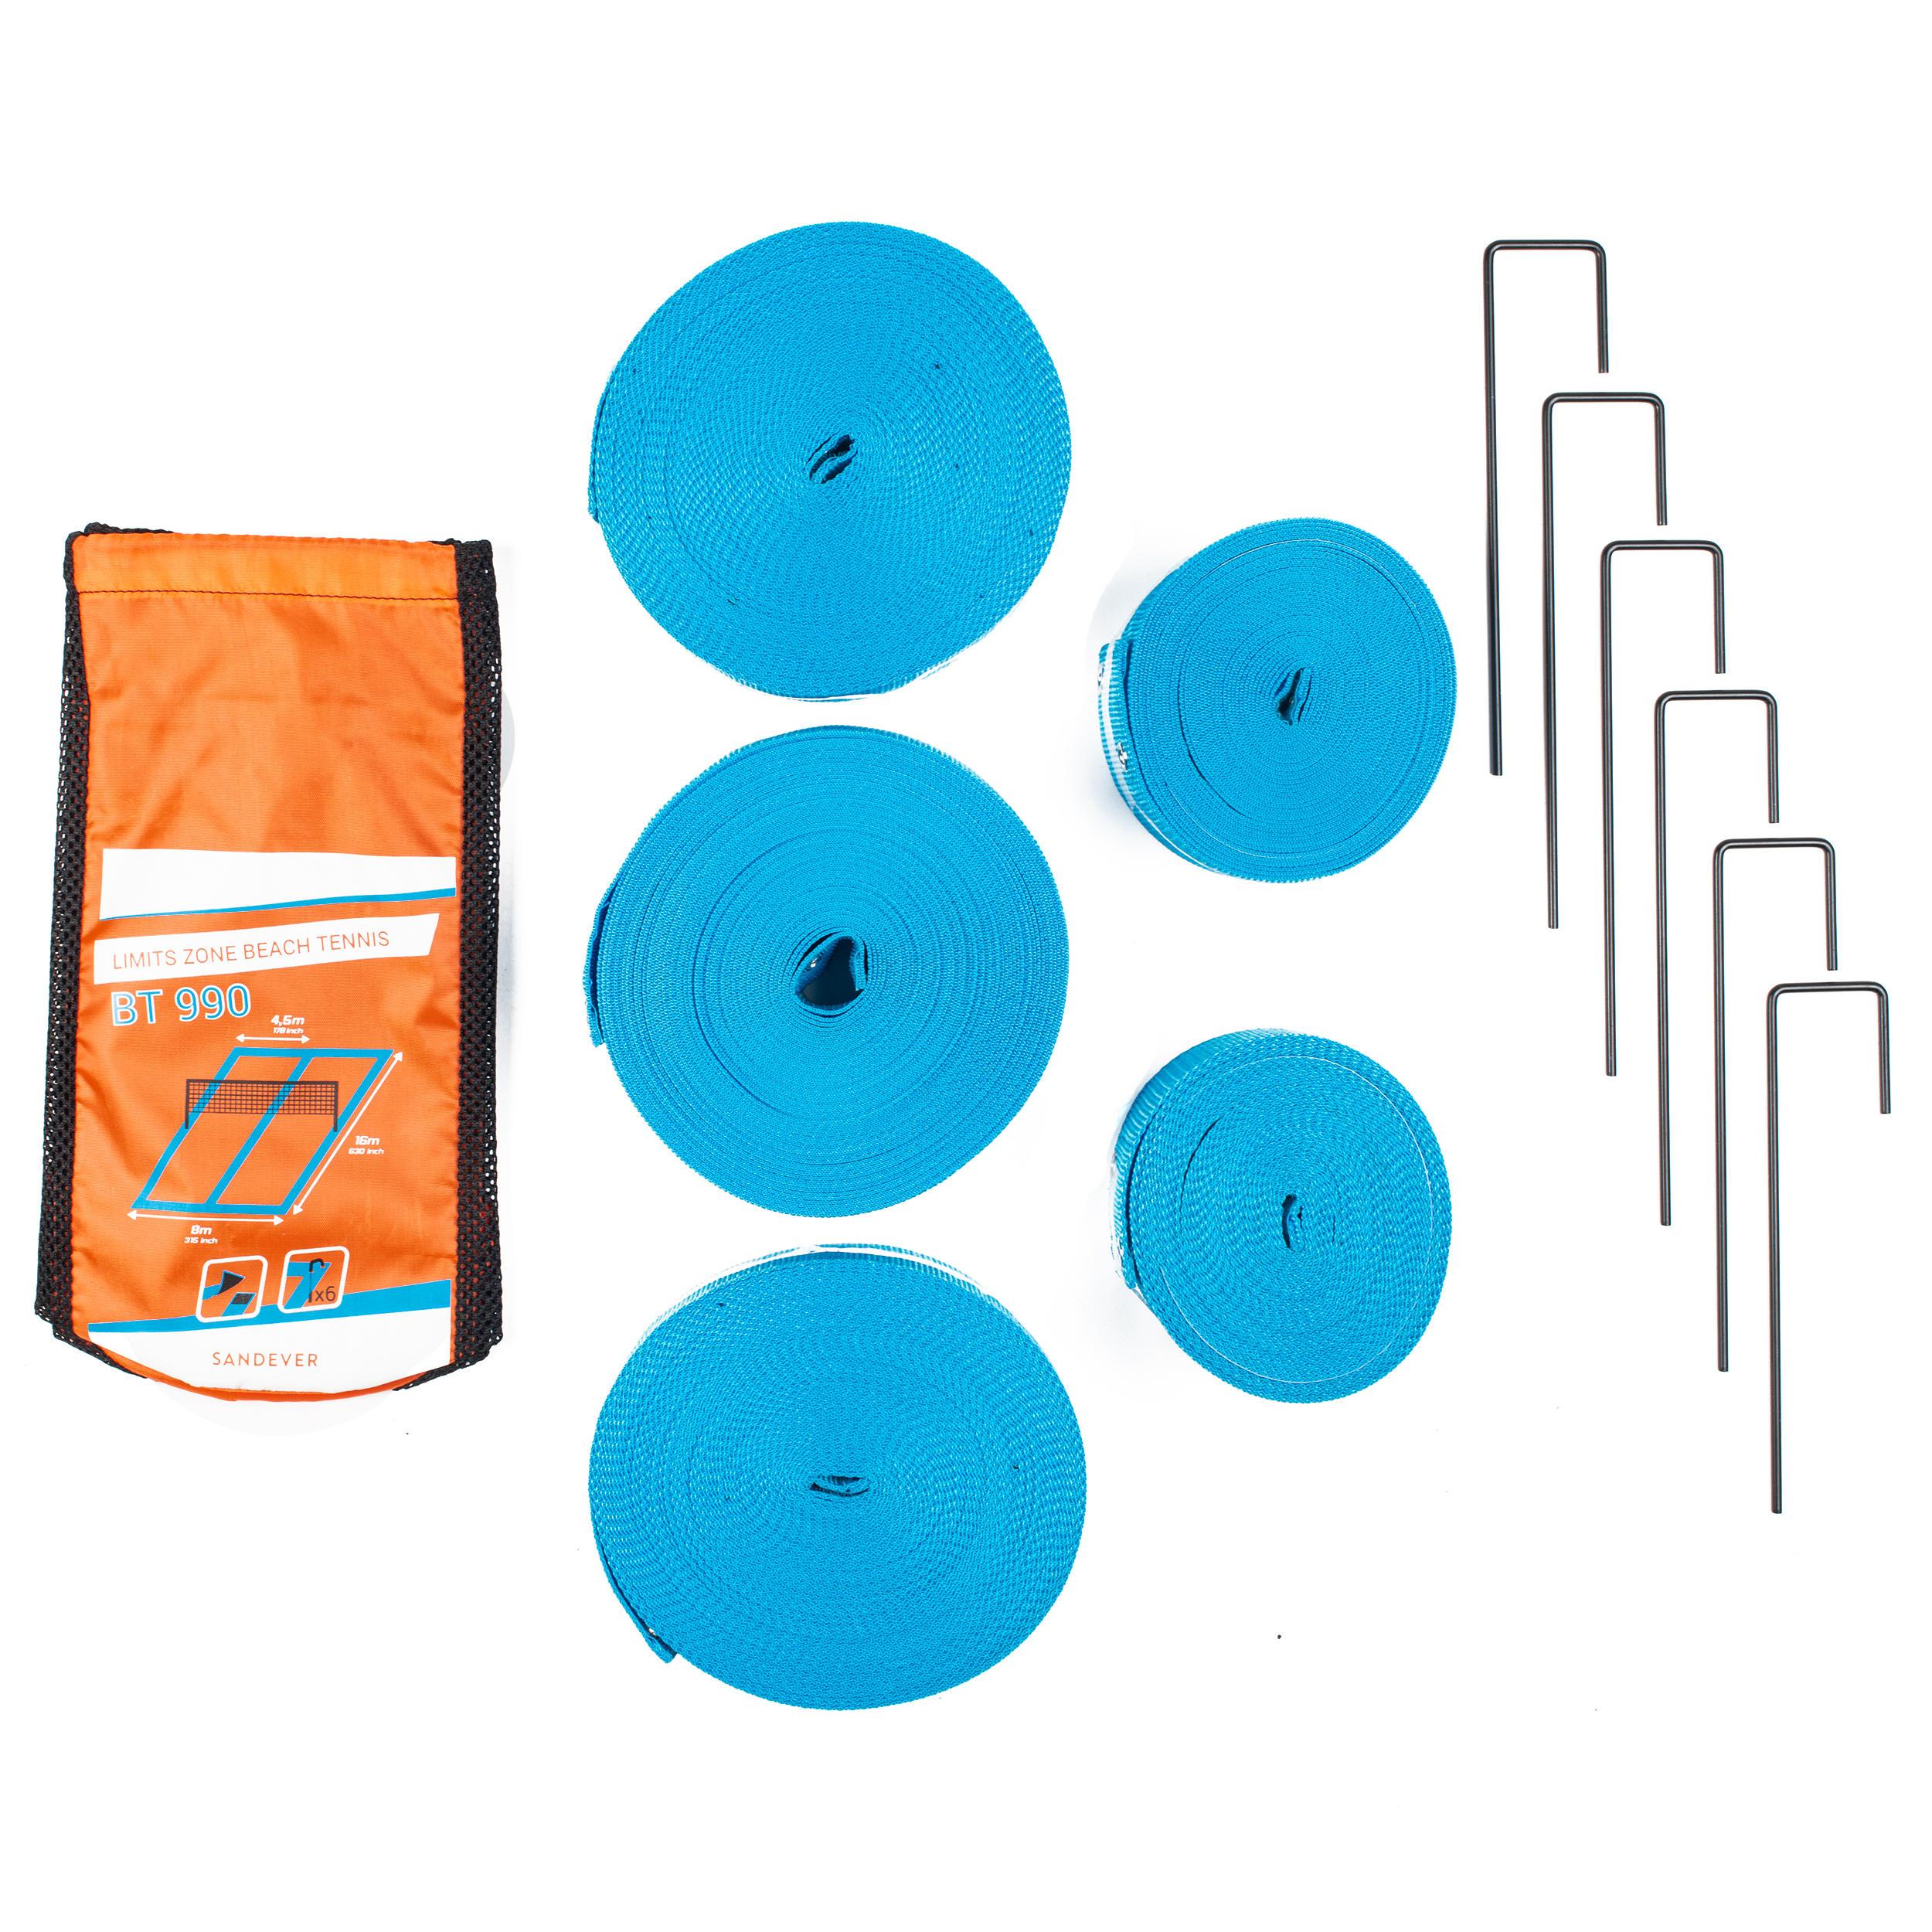 SANDEVER Délimitations de terrain de beach Tennis BT 900 bleu - SANDEVER - Taille unique